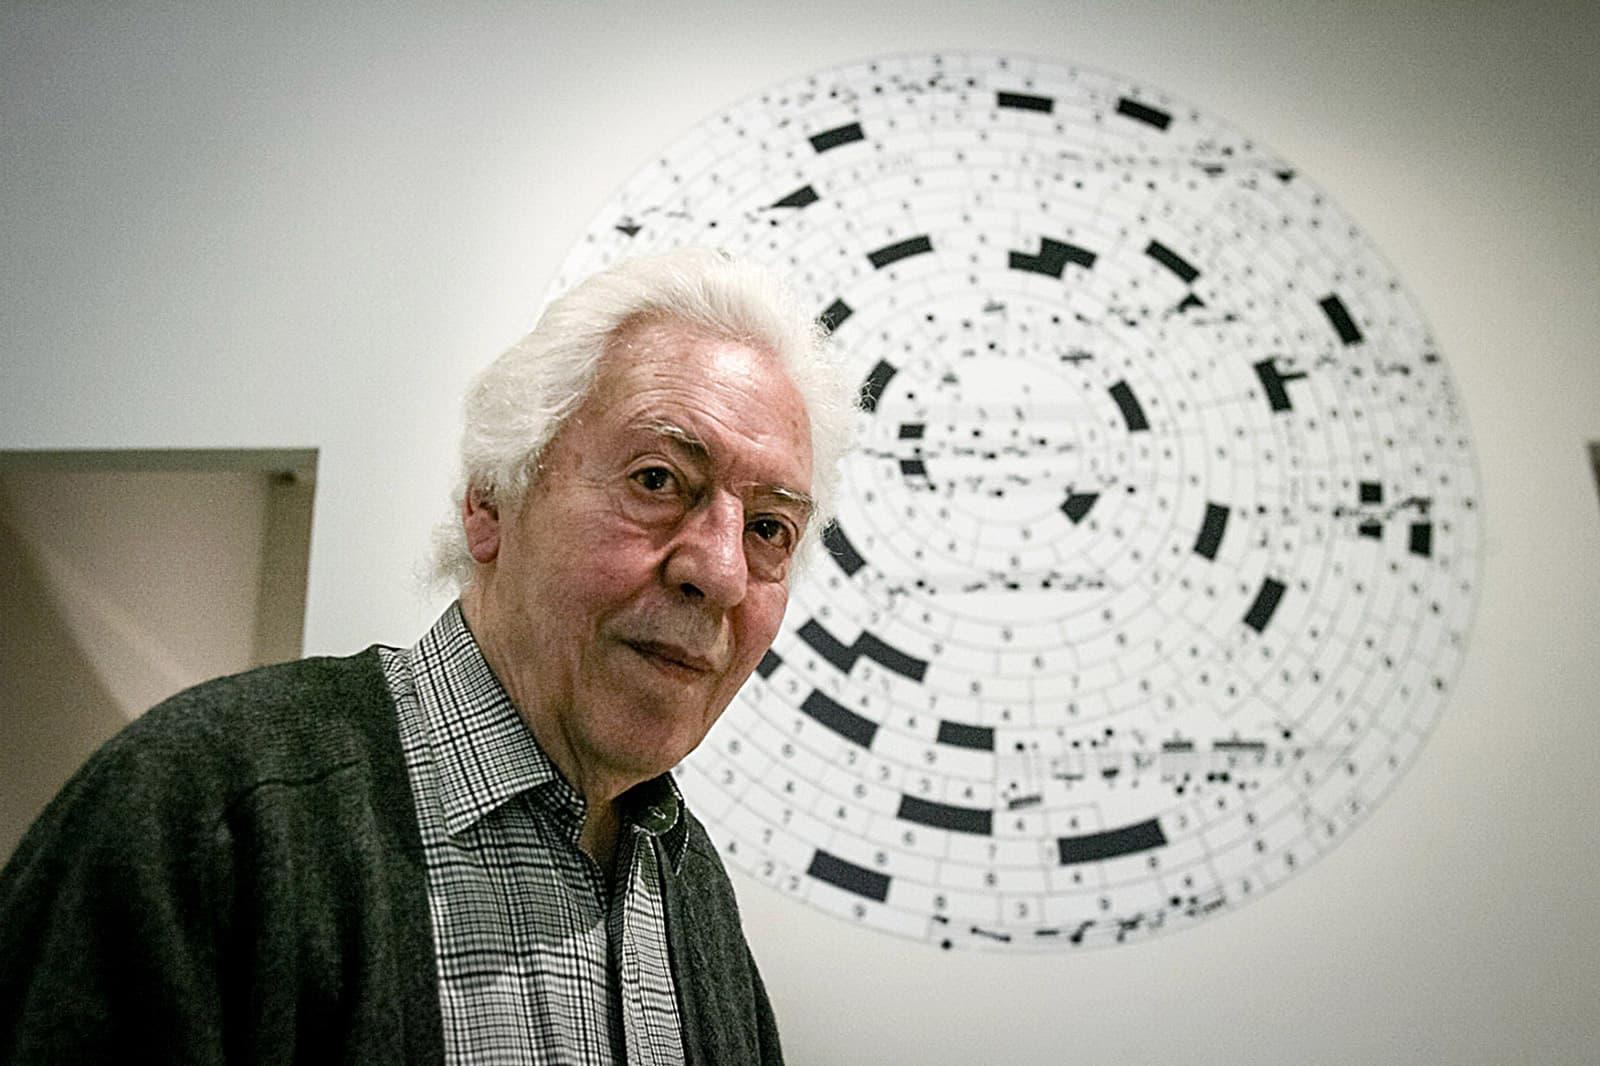 Josep Maria Mestres Quadreny al Centre d'Art Santa Mònica, el 2010. Fotografia de Robert Ramos.